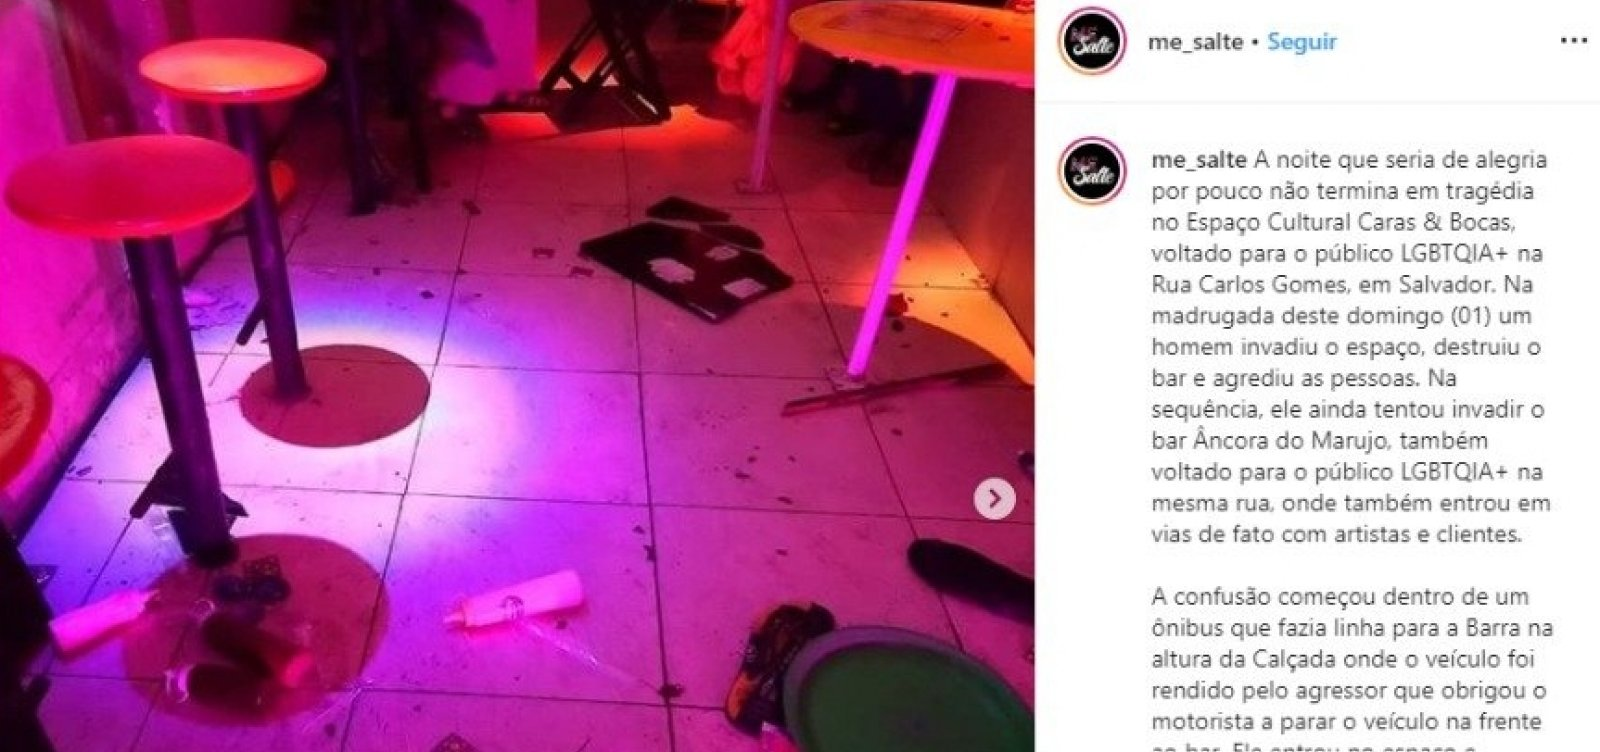 Homem causa confusão em ônibus e ataca pessoas em bar LGBT no centro